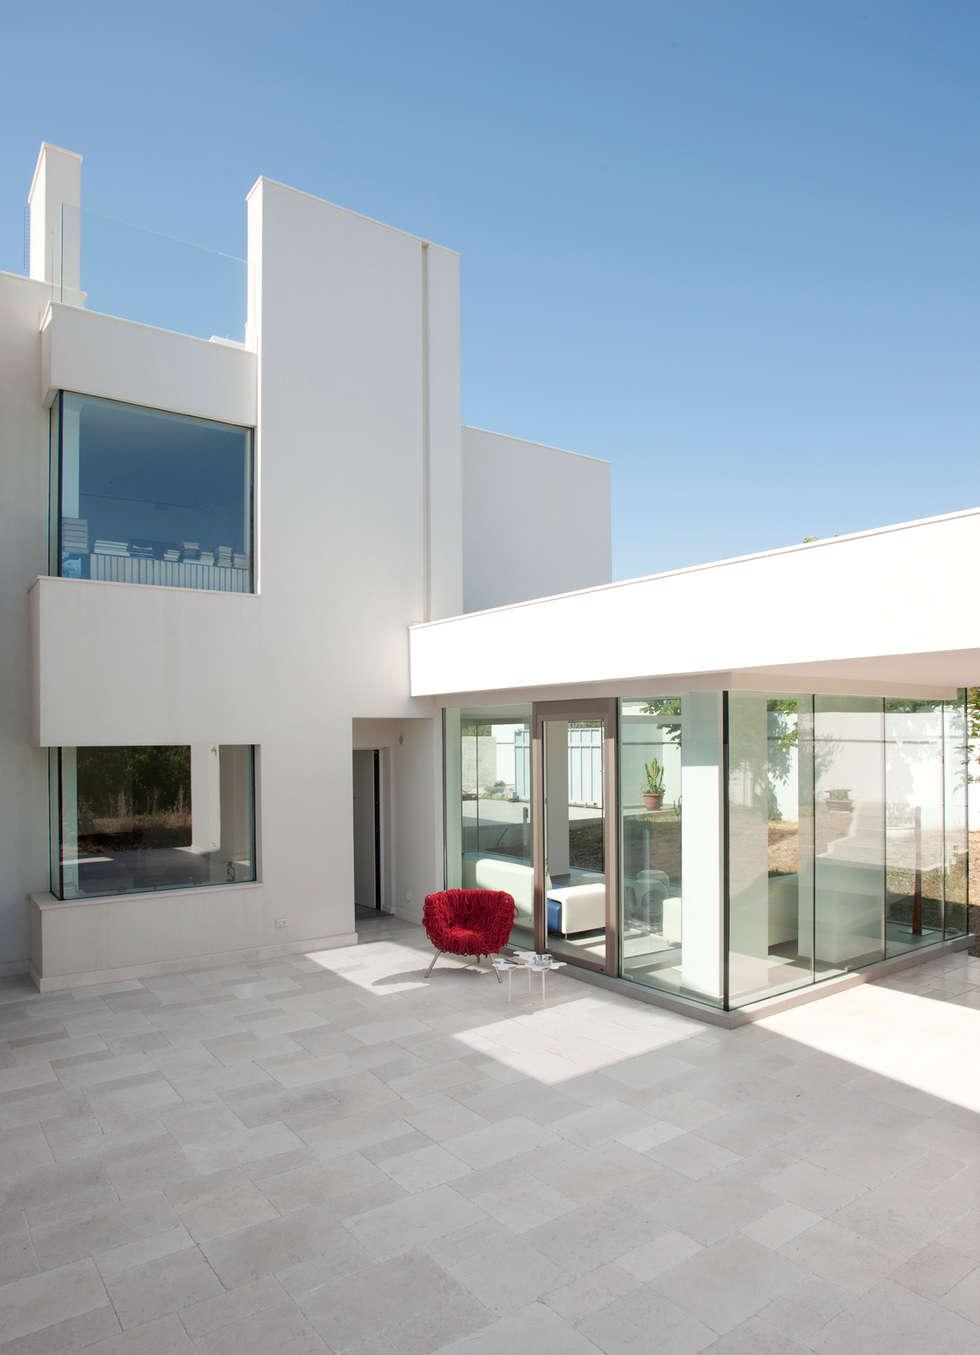 Idee arredamento casa interior design homify for Numeri di casa mediterranea